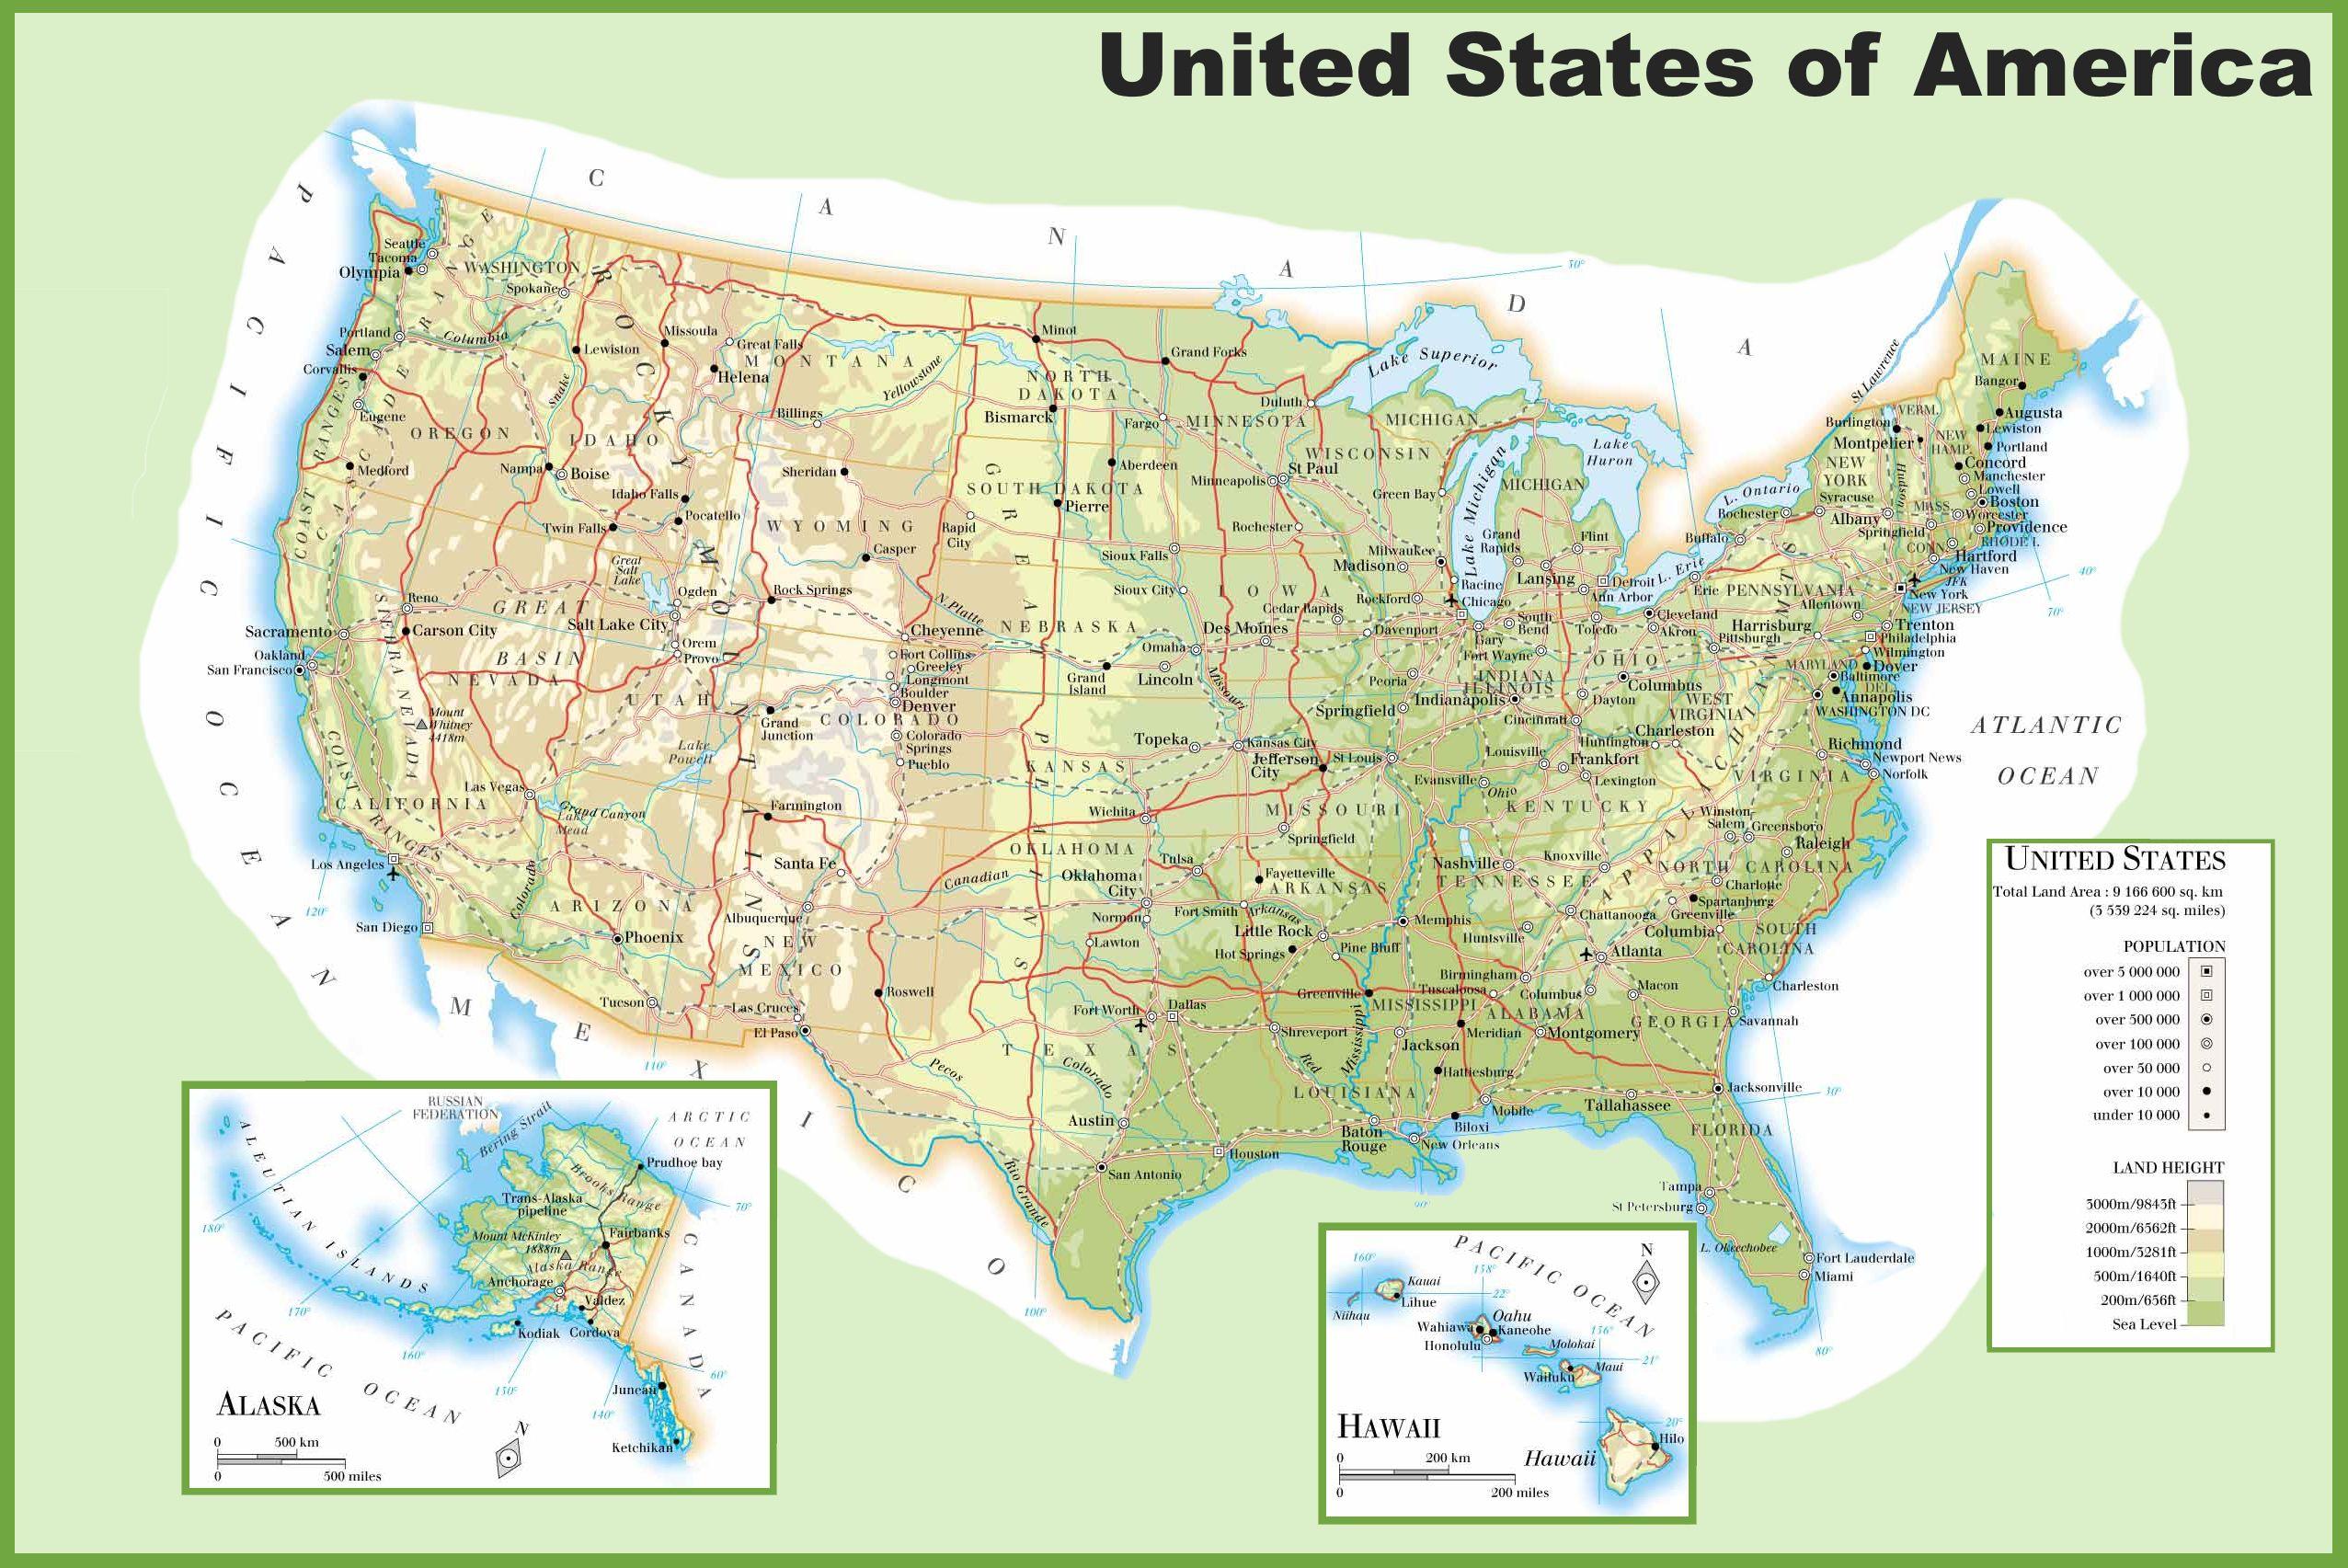 Carte Routiere Usa Cote Ouest.Carte Des Usa Etats Unis Cartes Du Relief Villes